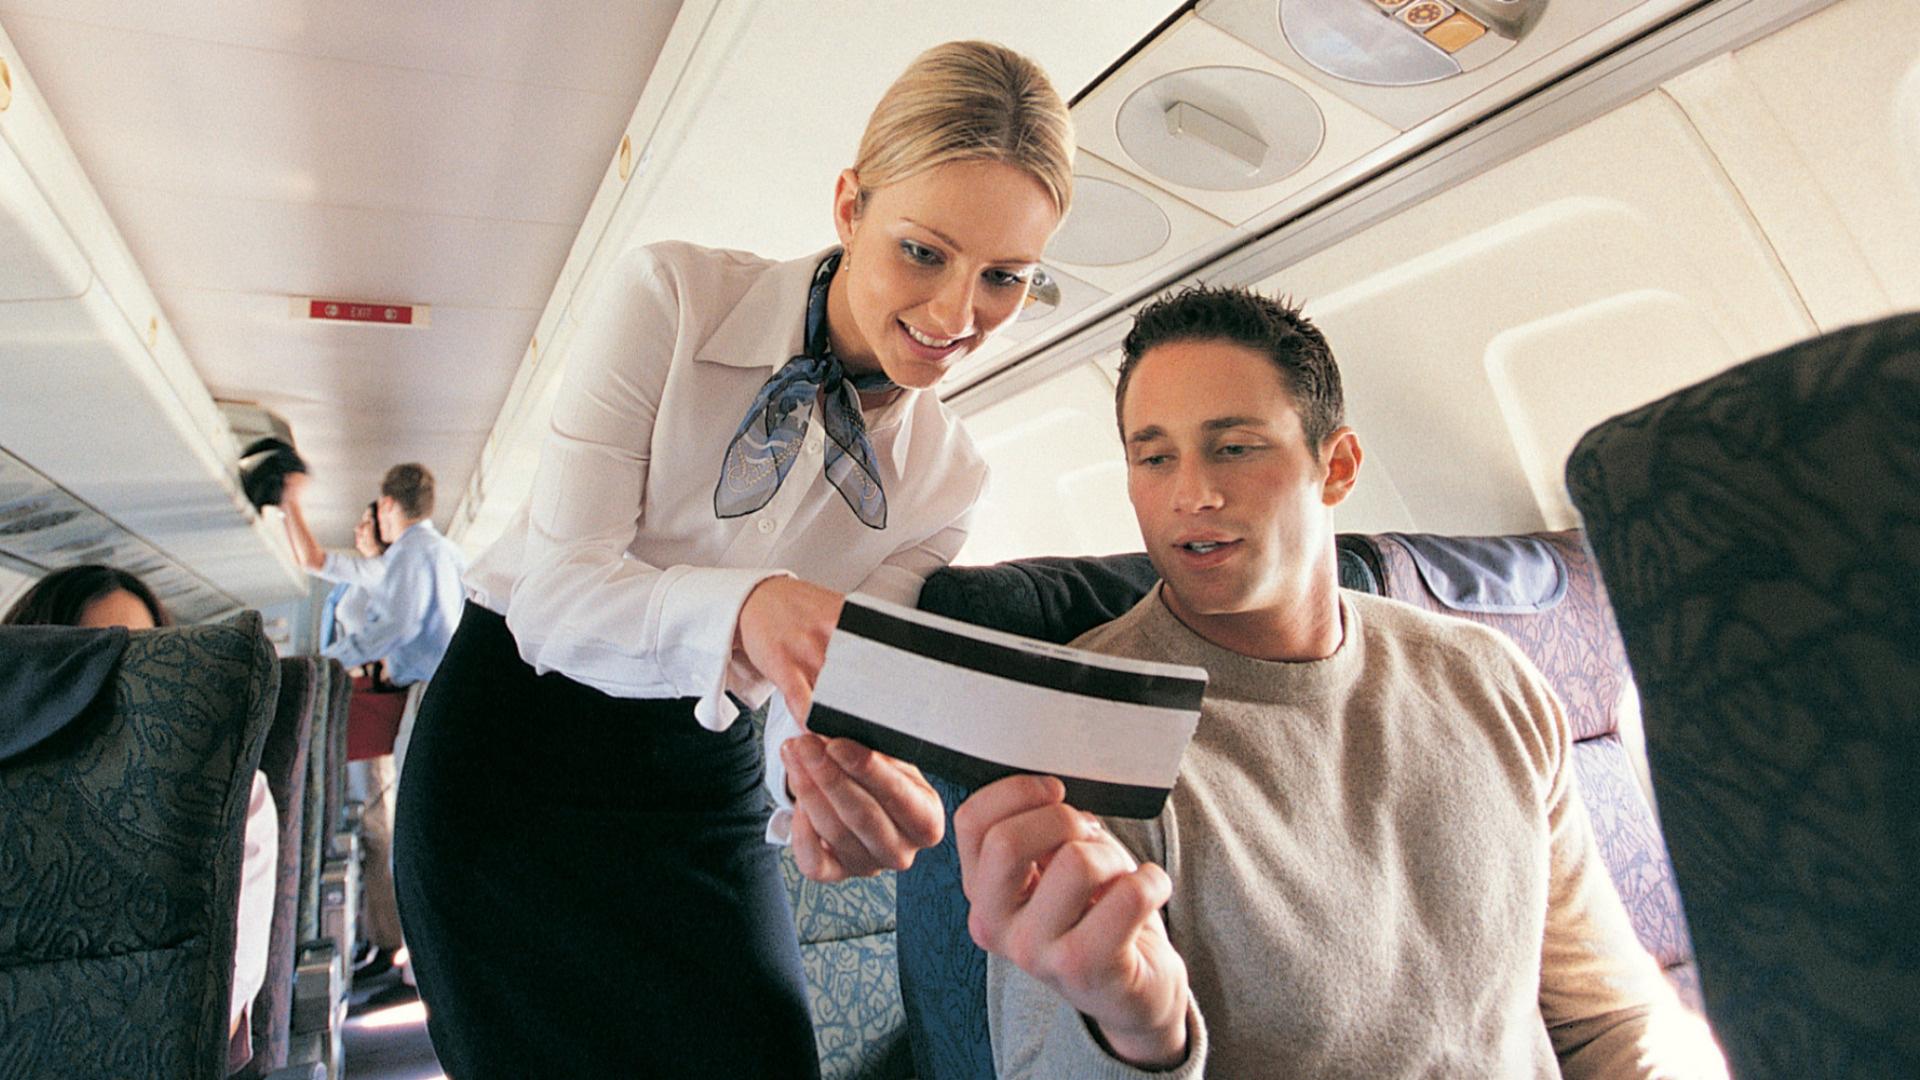 Tiếp viên hàng không mách nhỏ cách đổi chỗ ngồi trên máy bay hiệu quả - Ảnh 3.